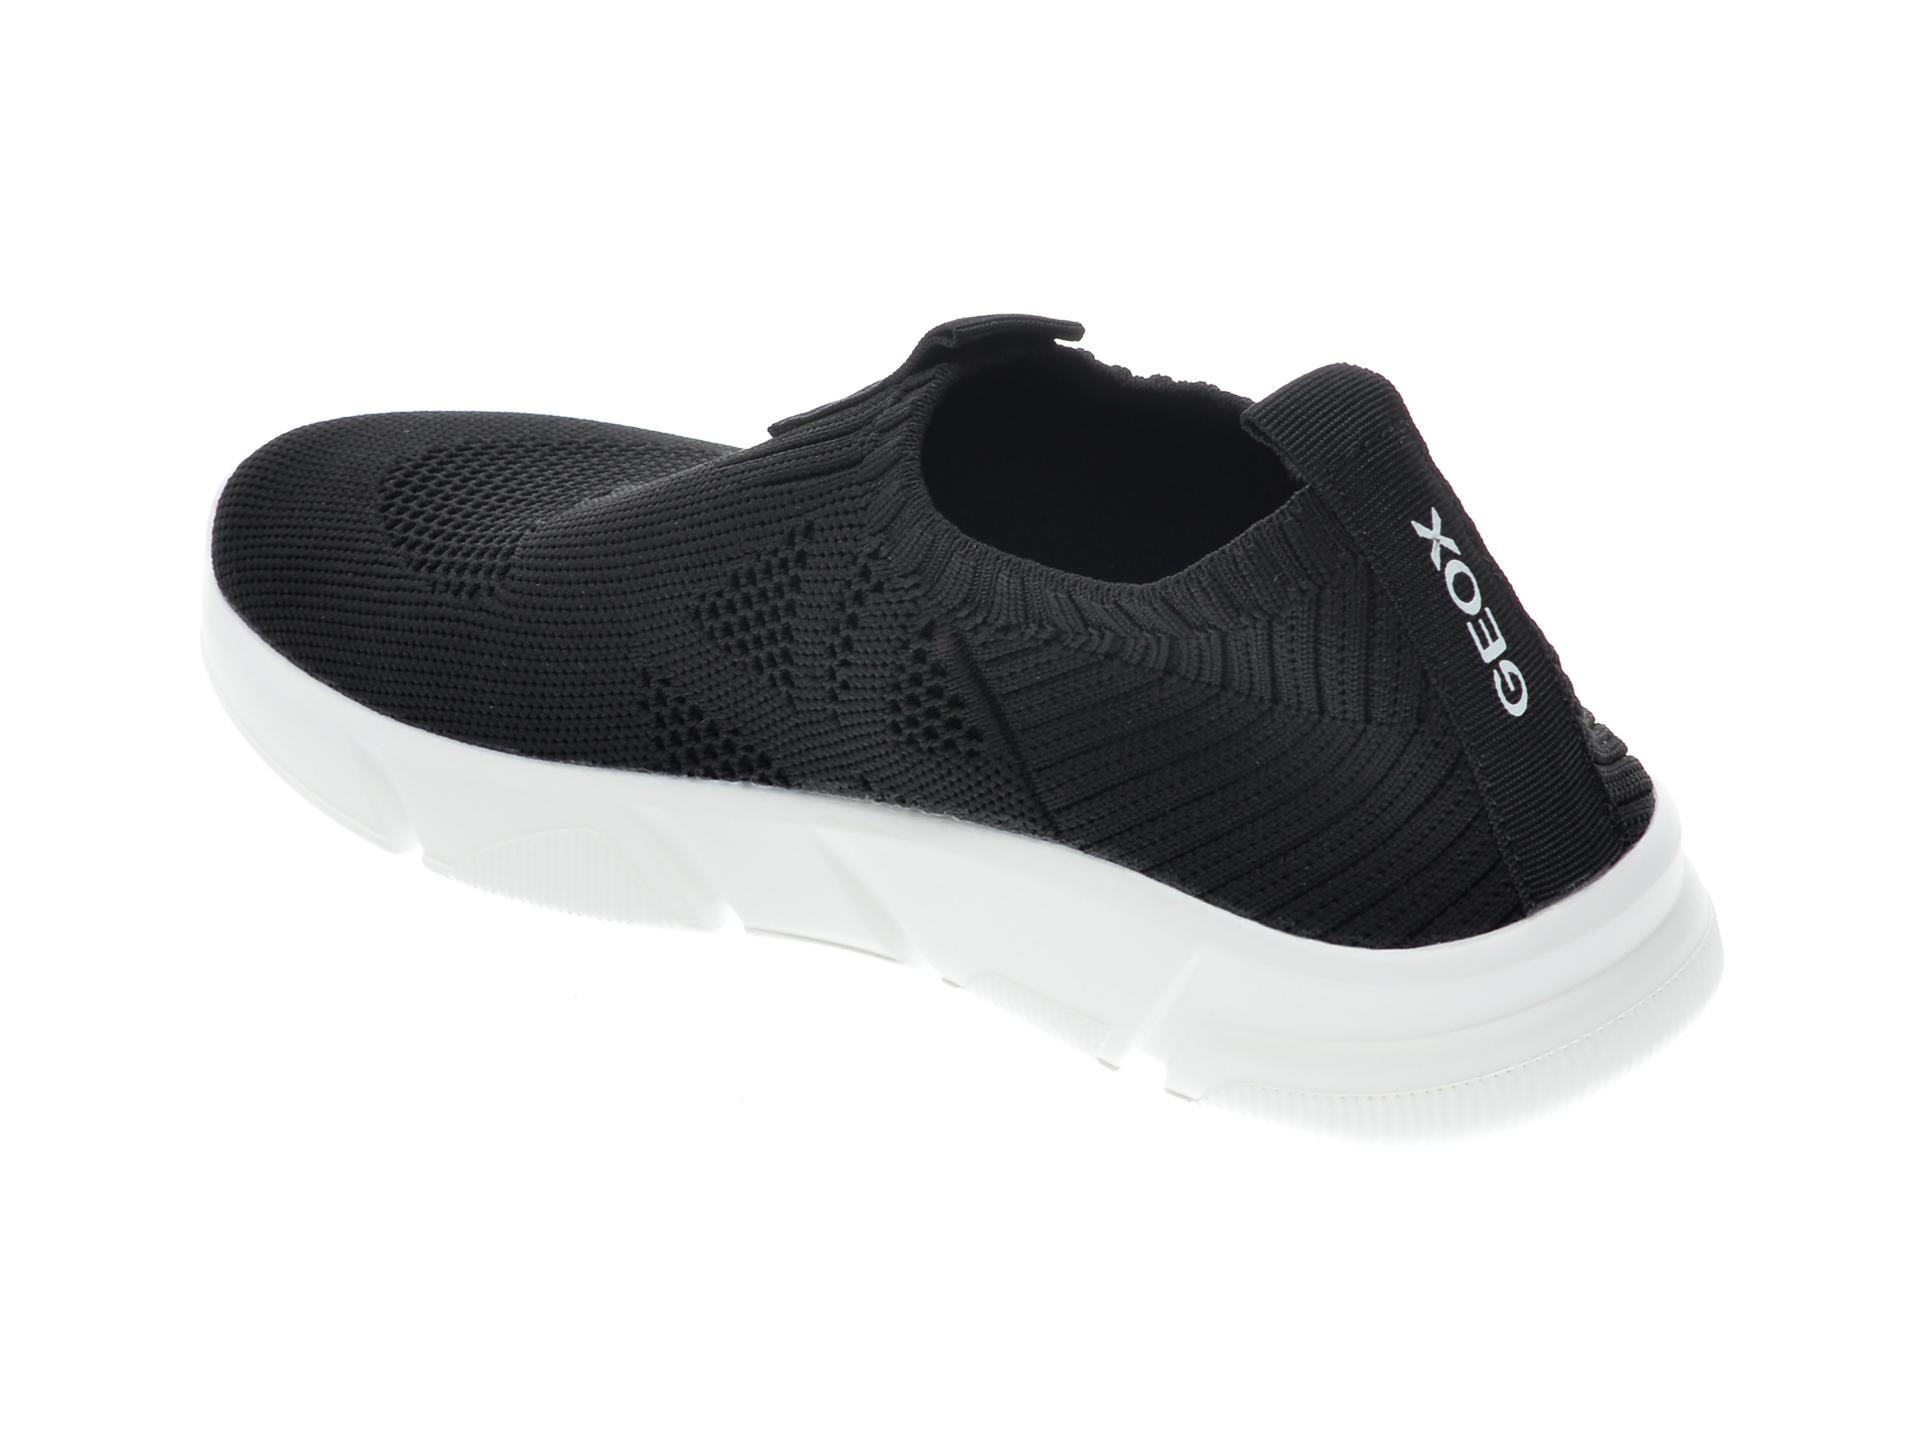 Pantofi sport GEOX negri, J02DMA, din material textil - 5